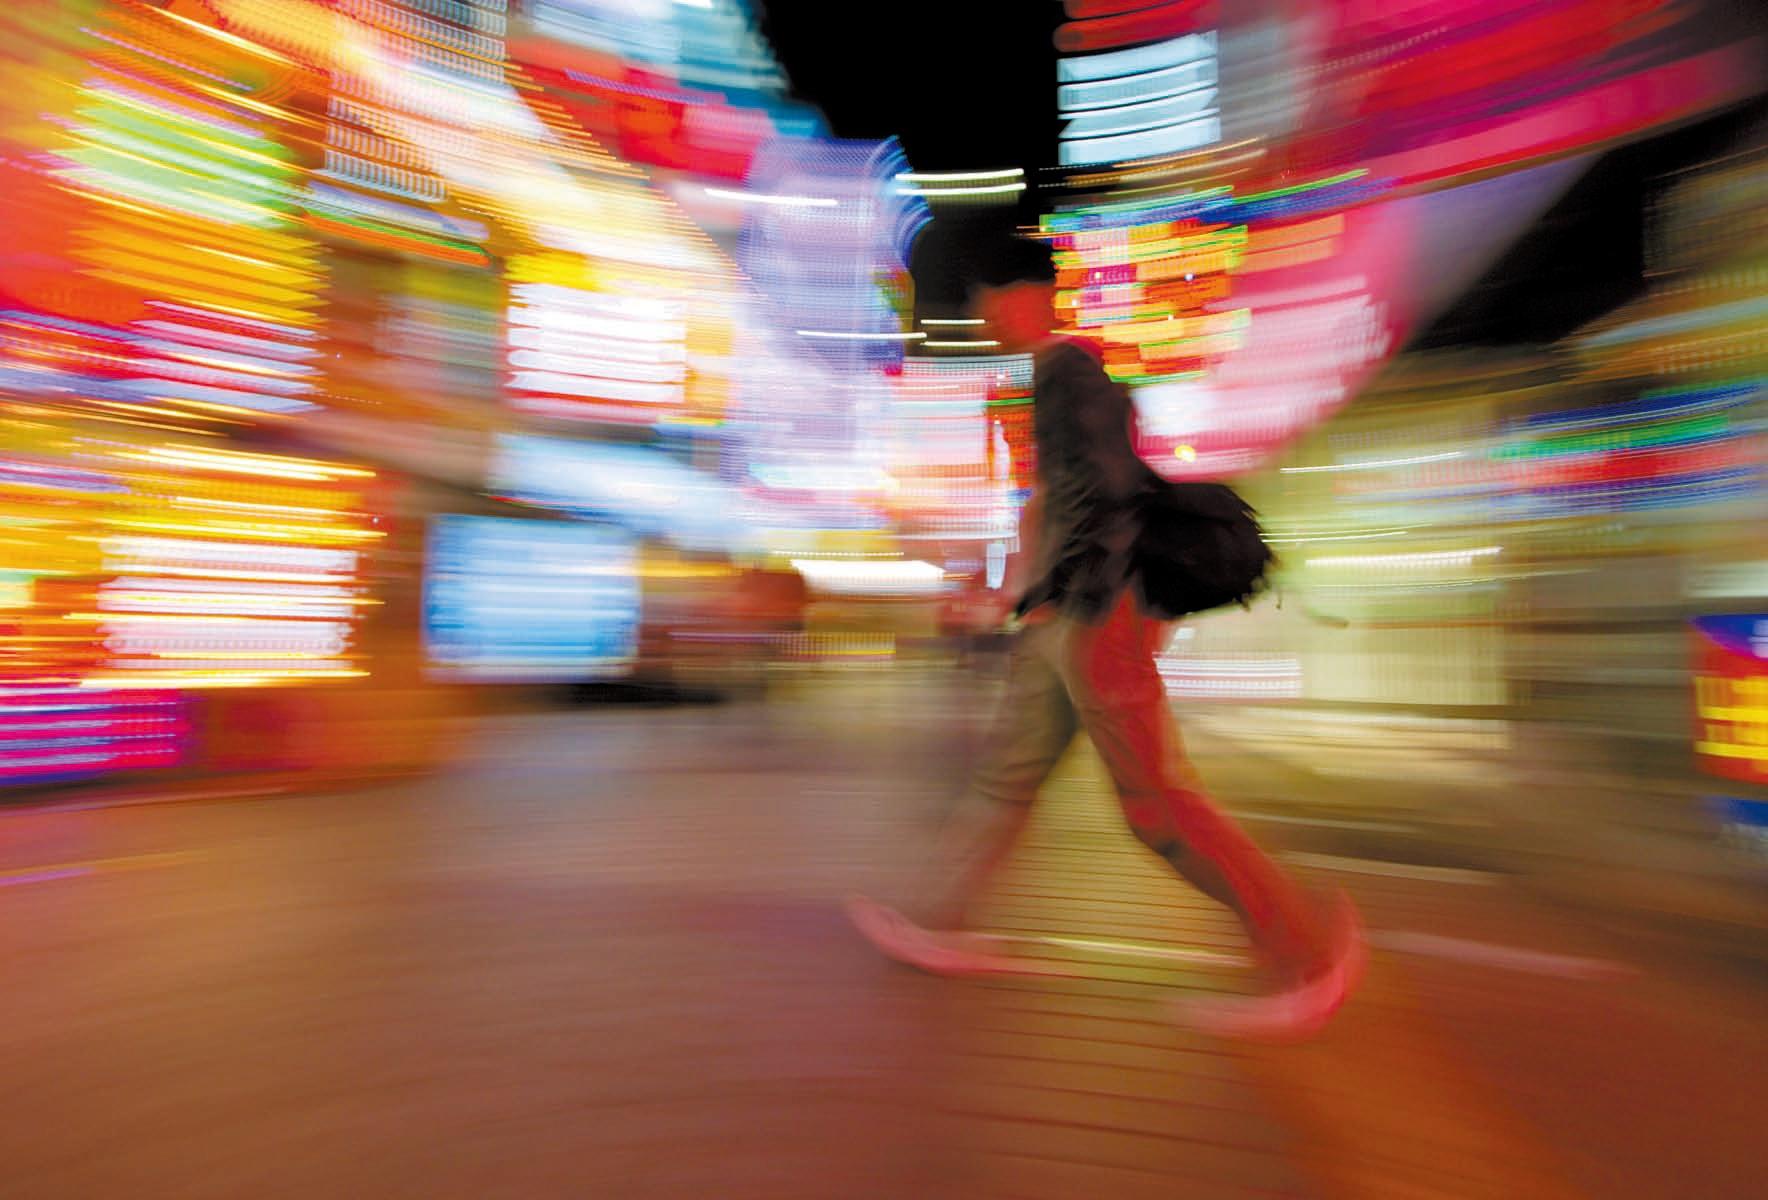 조명박물관의 2006년 빛공해 사진 공모전에서 우수상을 받은 박영진씨의 도시인 [중앙포토]